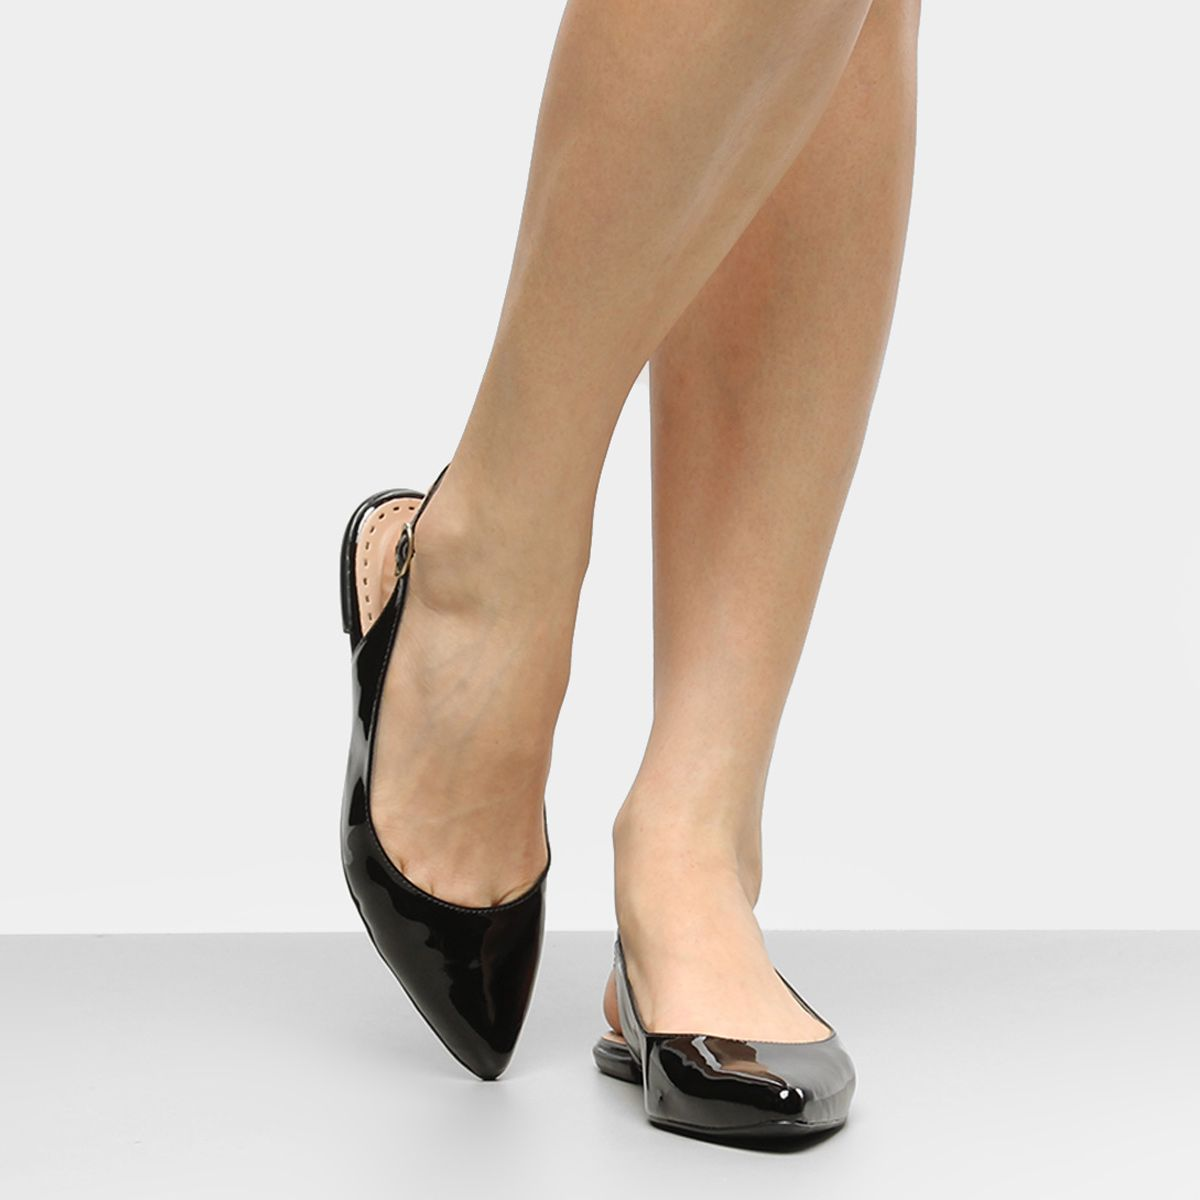 021e90543 Compre Sapatilha Drezzup Chanel Verniz Feminina e muito mais em roupas,  calçados e acessórios na